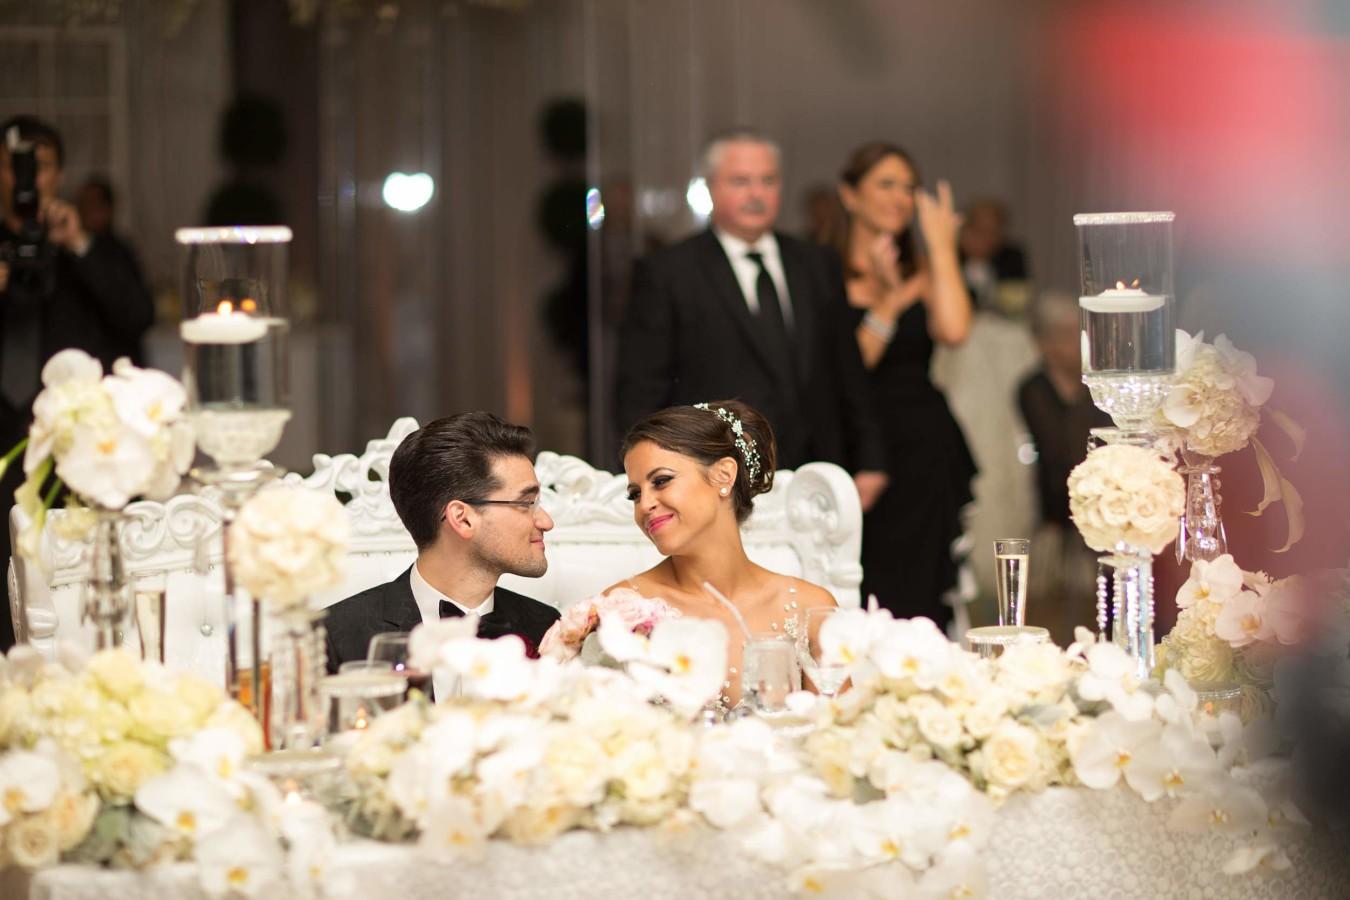 Zach steiner wedding